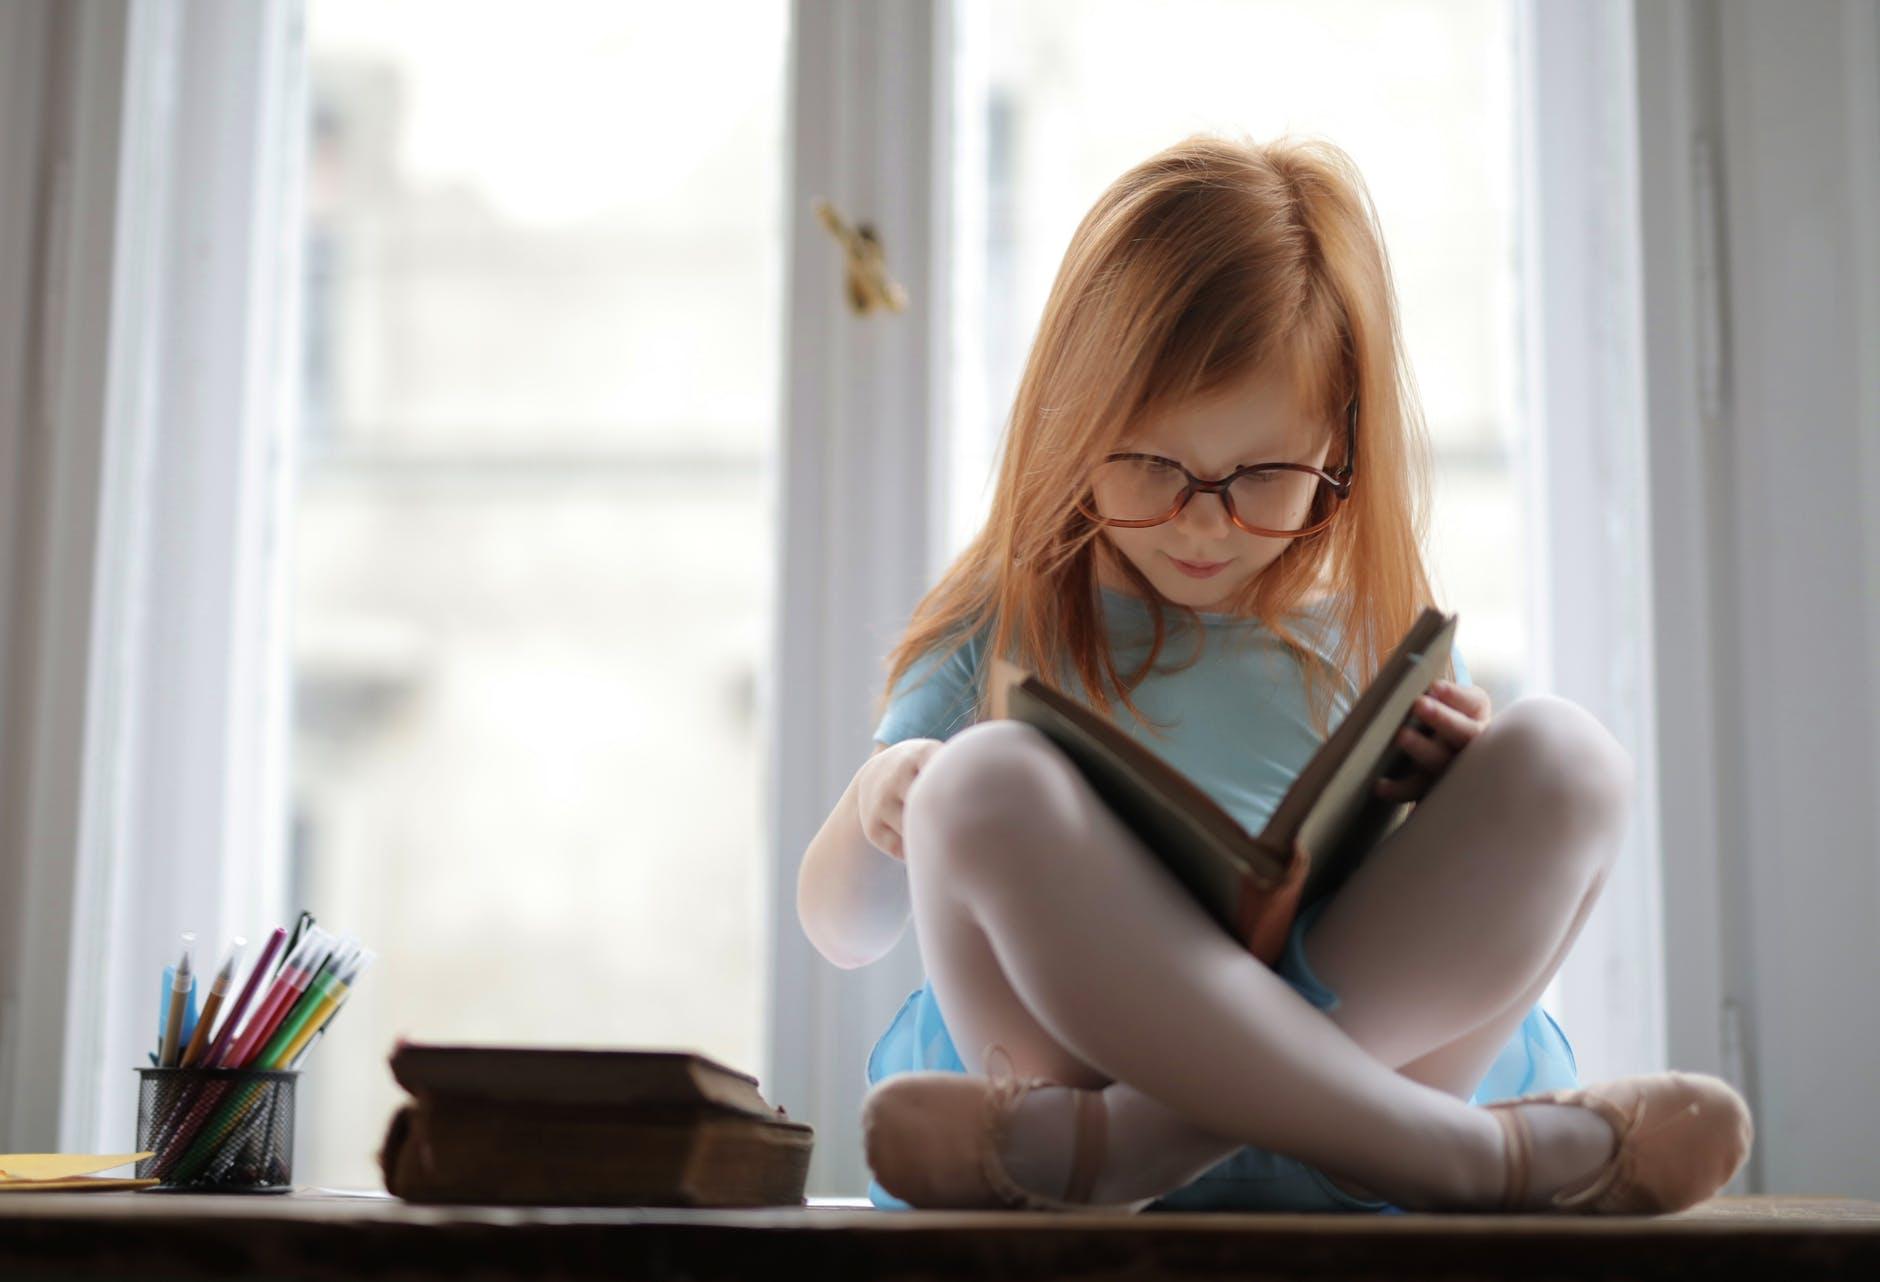 沒有過動癥狀的ADHD孩子和容易被輕忽的學習障礙 – ADHD華人社群資源分享平臺